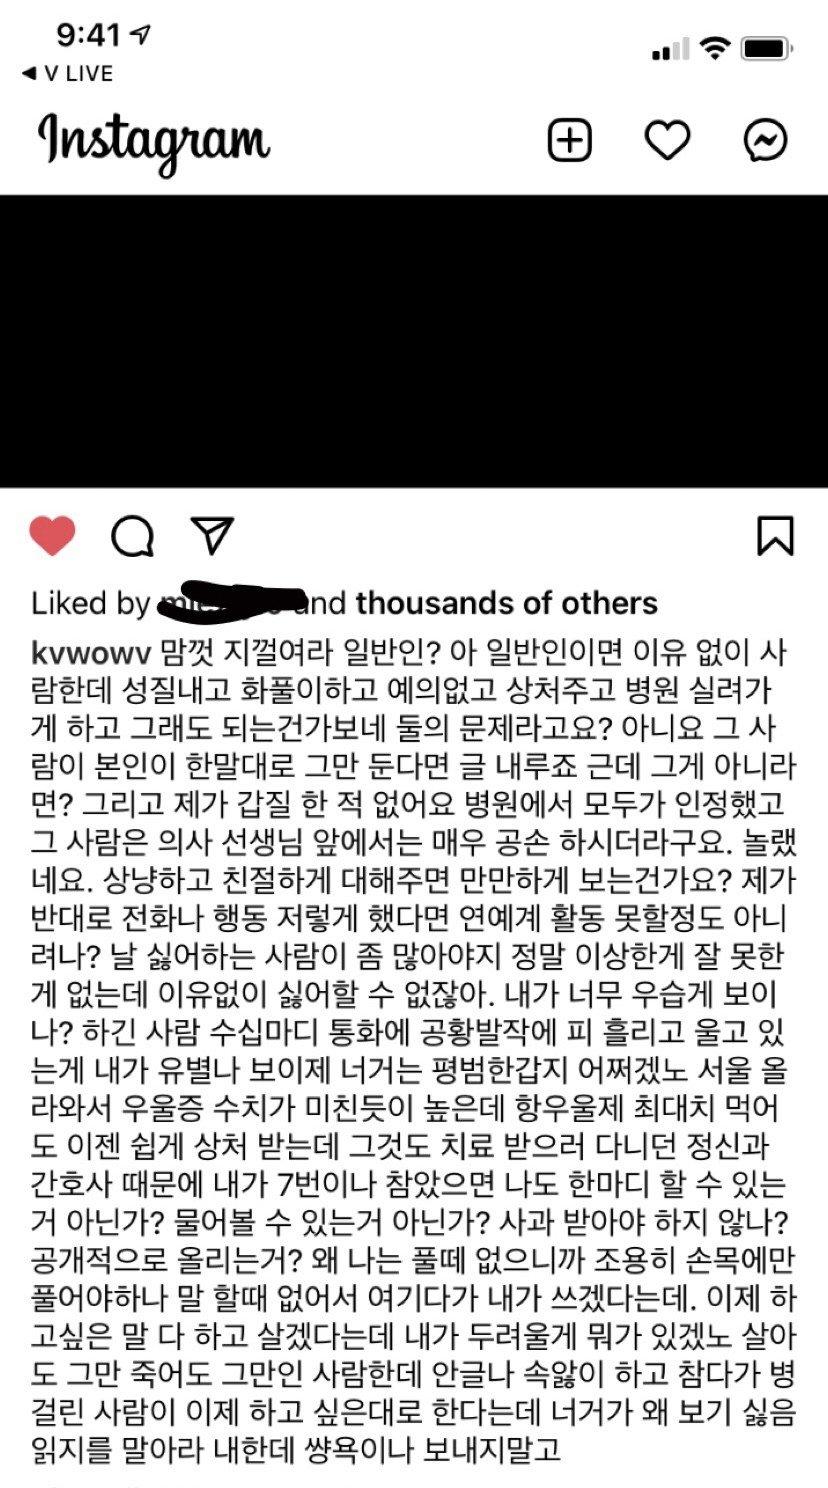 Mina ex AOA comparte carta en Instagram después de su nuevo intento de suicidio